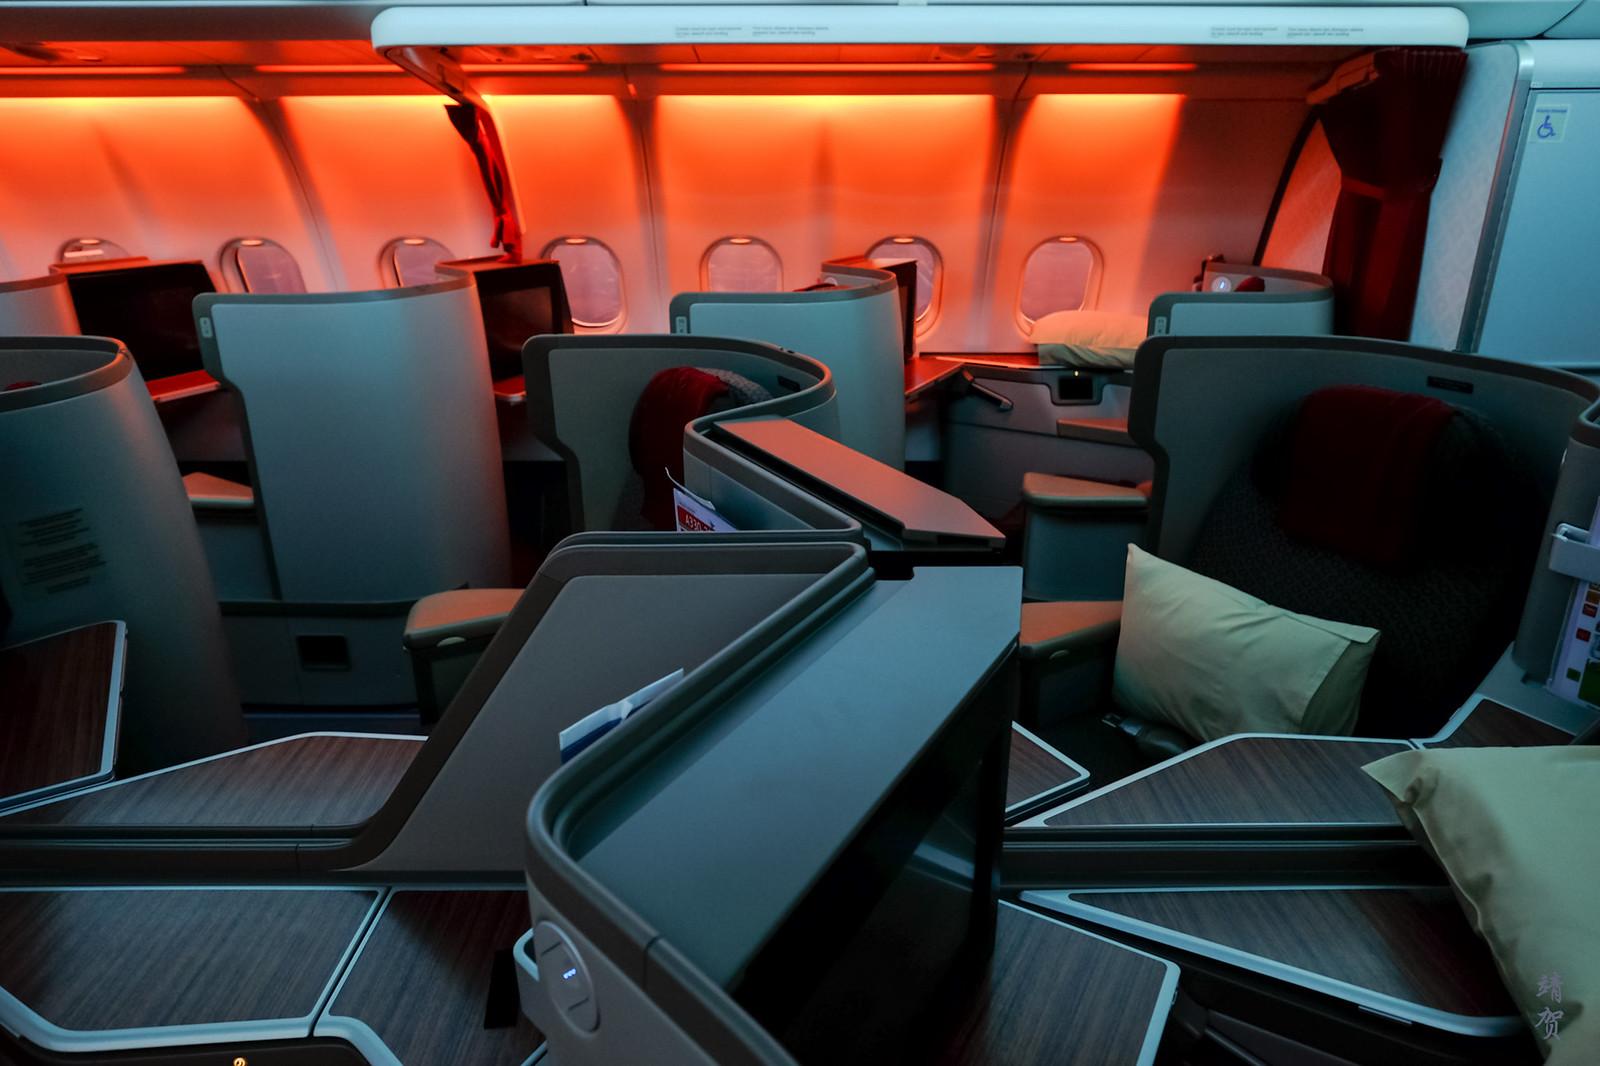 Pilot rest section